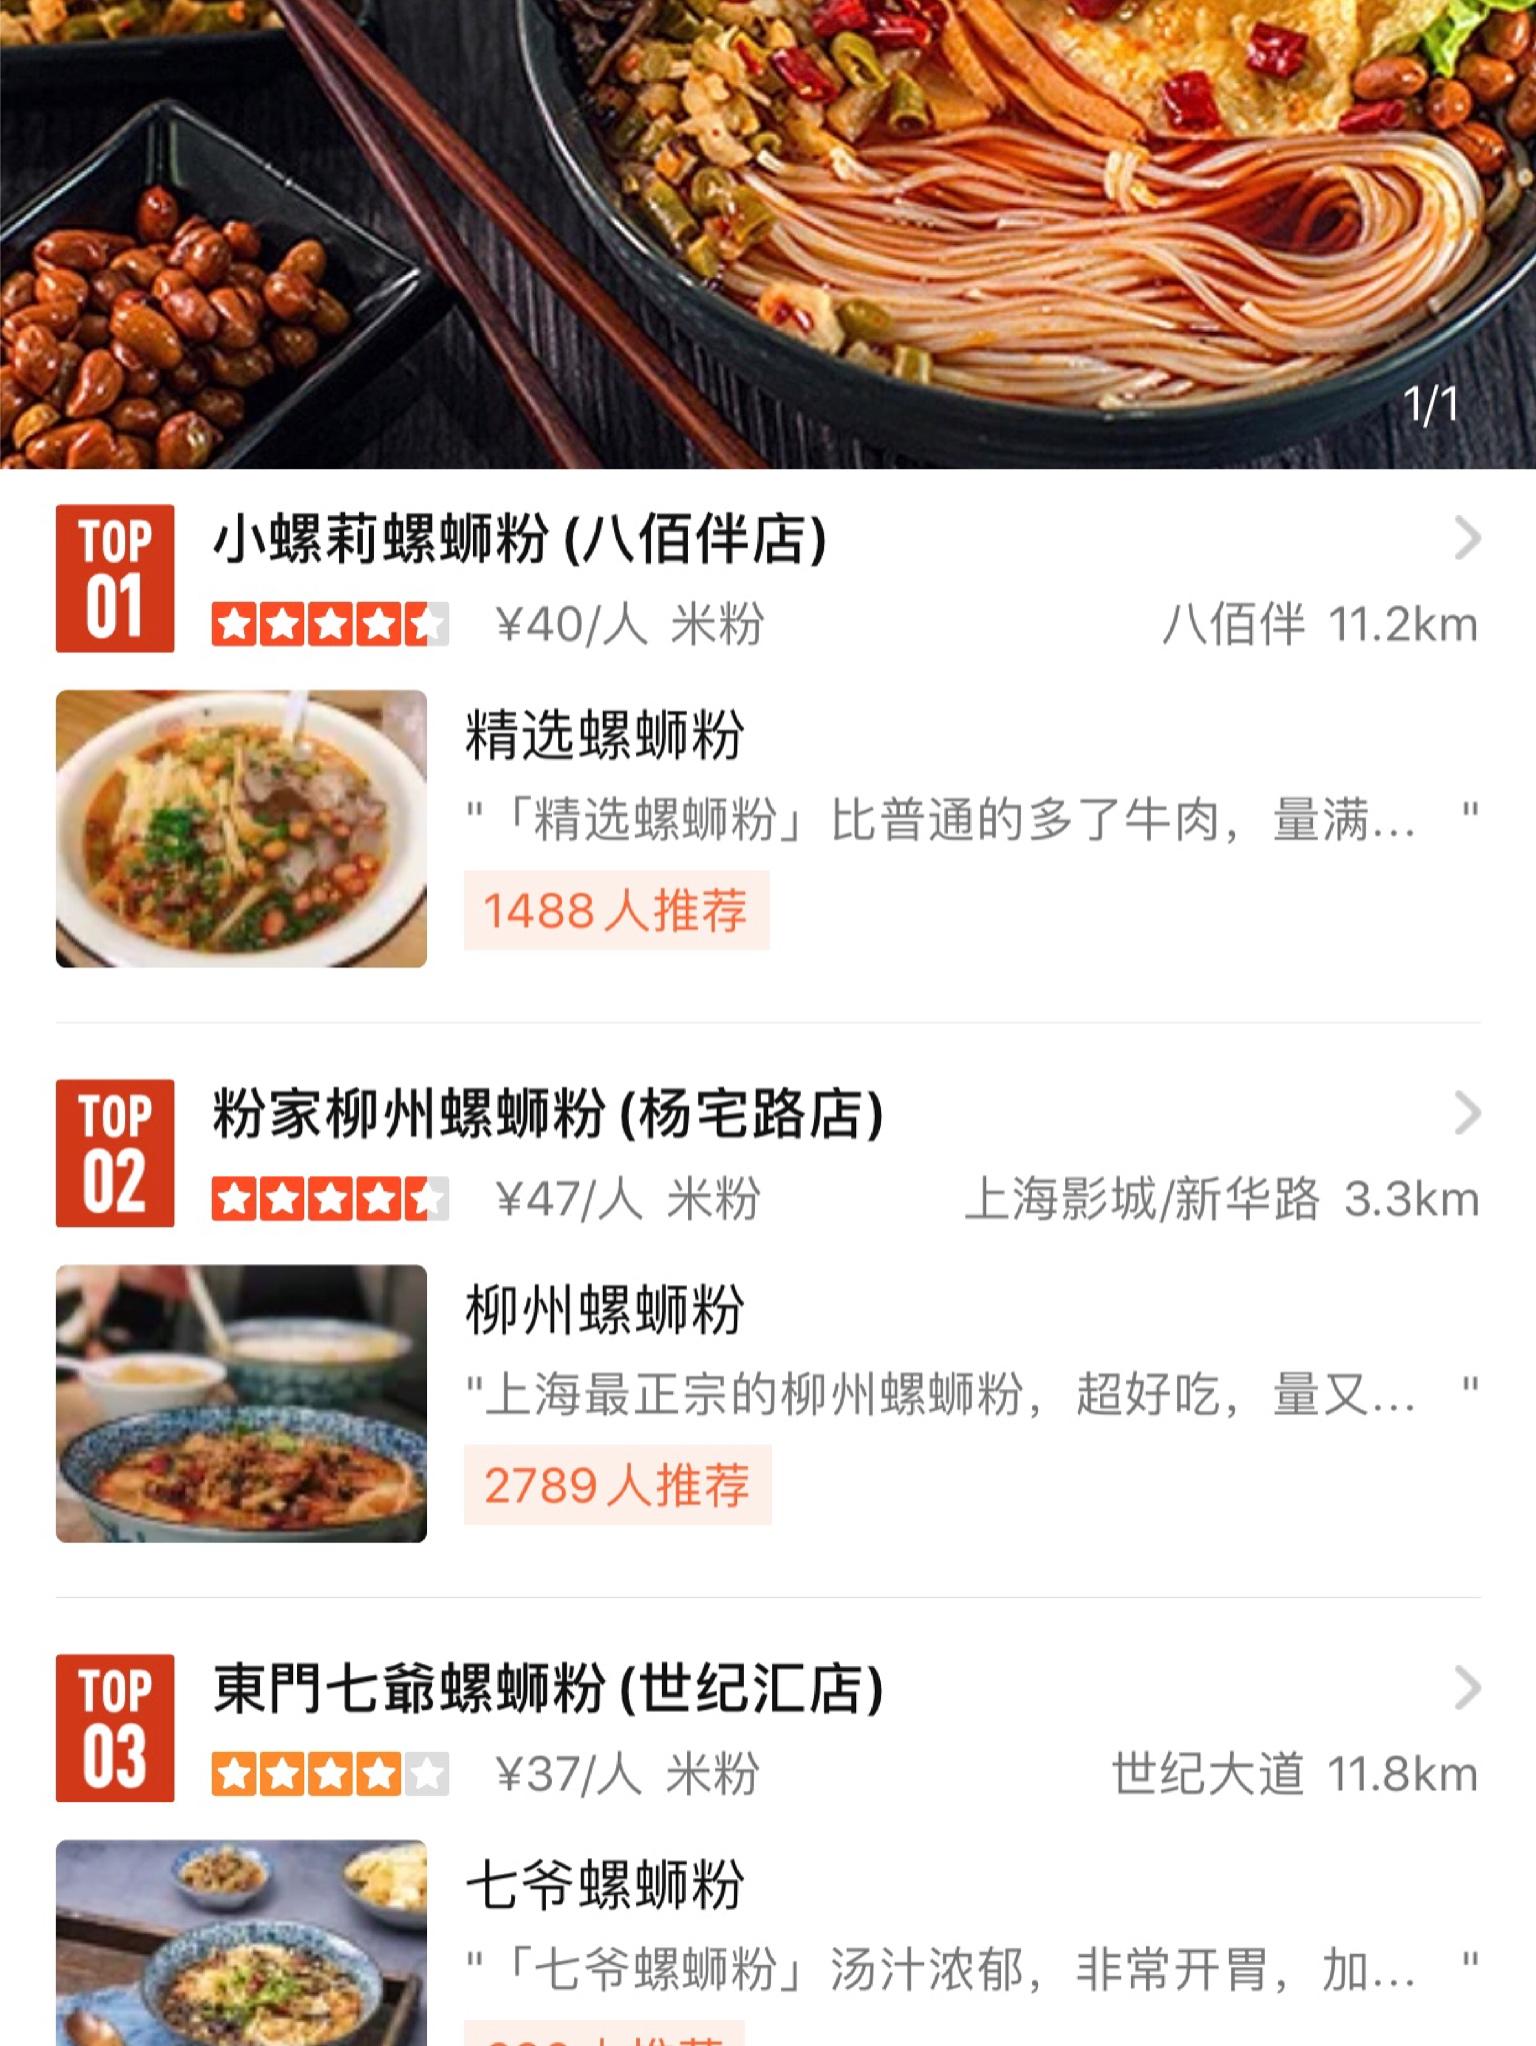 上海・大衆点評によるランキング